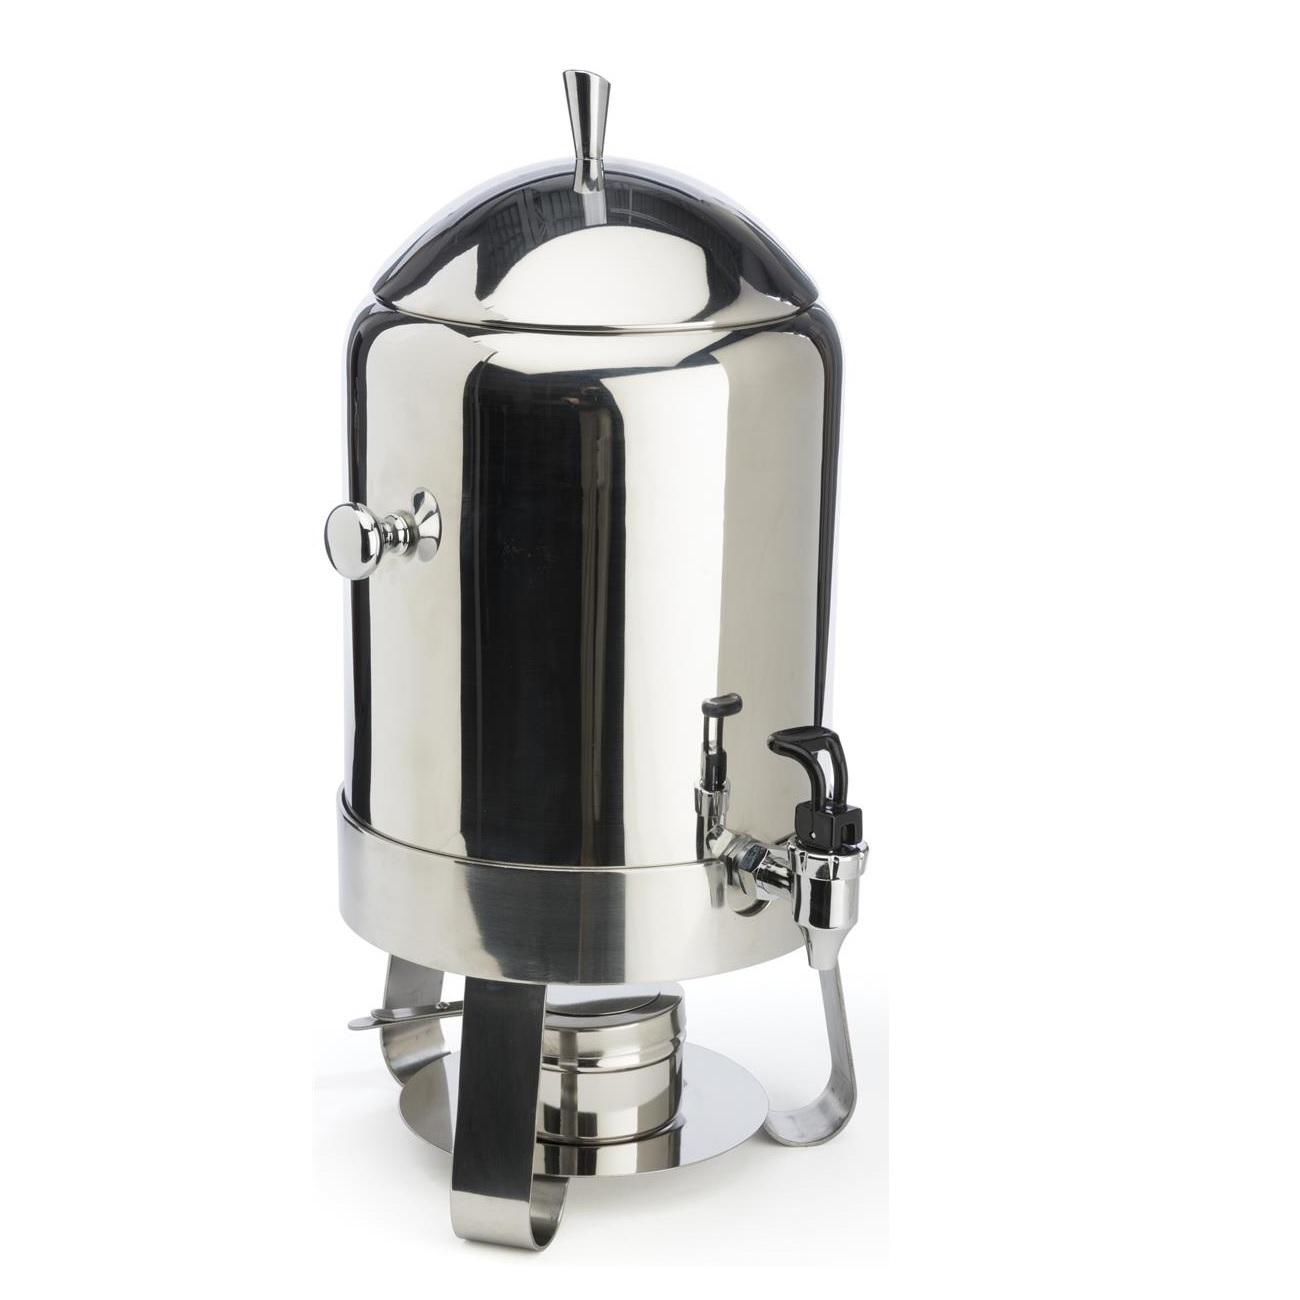 FrigoHellas 035.0241 Ανοξείδωτος Διανεμητής Καφέ 11 lt - 300x300x544mm επαγγελματικός εξοπλισμός   φούρνοι μικροκύματα κρεπιέρες βαφλιέρες φριτέζες   μ